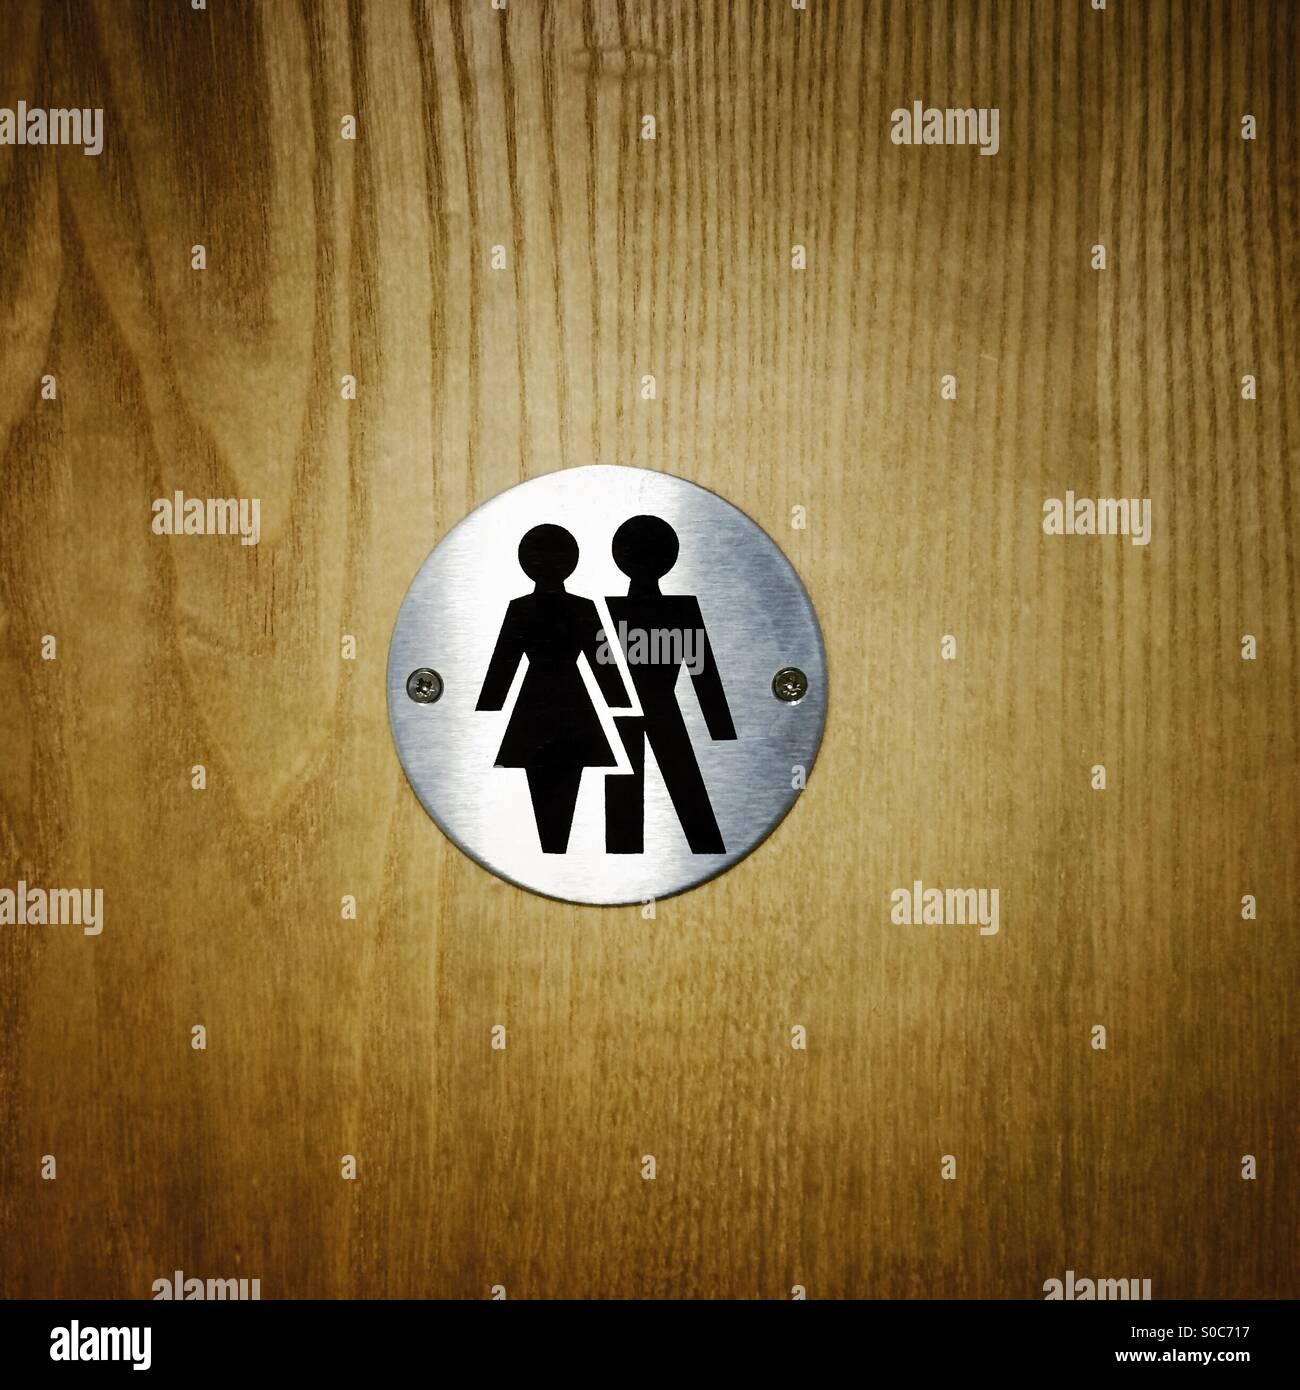 Hommes Femmes Hommes Femmes unisexe couple signe sur la porte des toilettes Toilettes en bois Banque D'Images